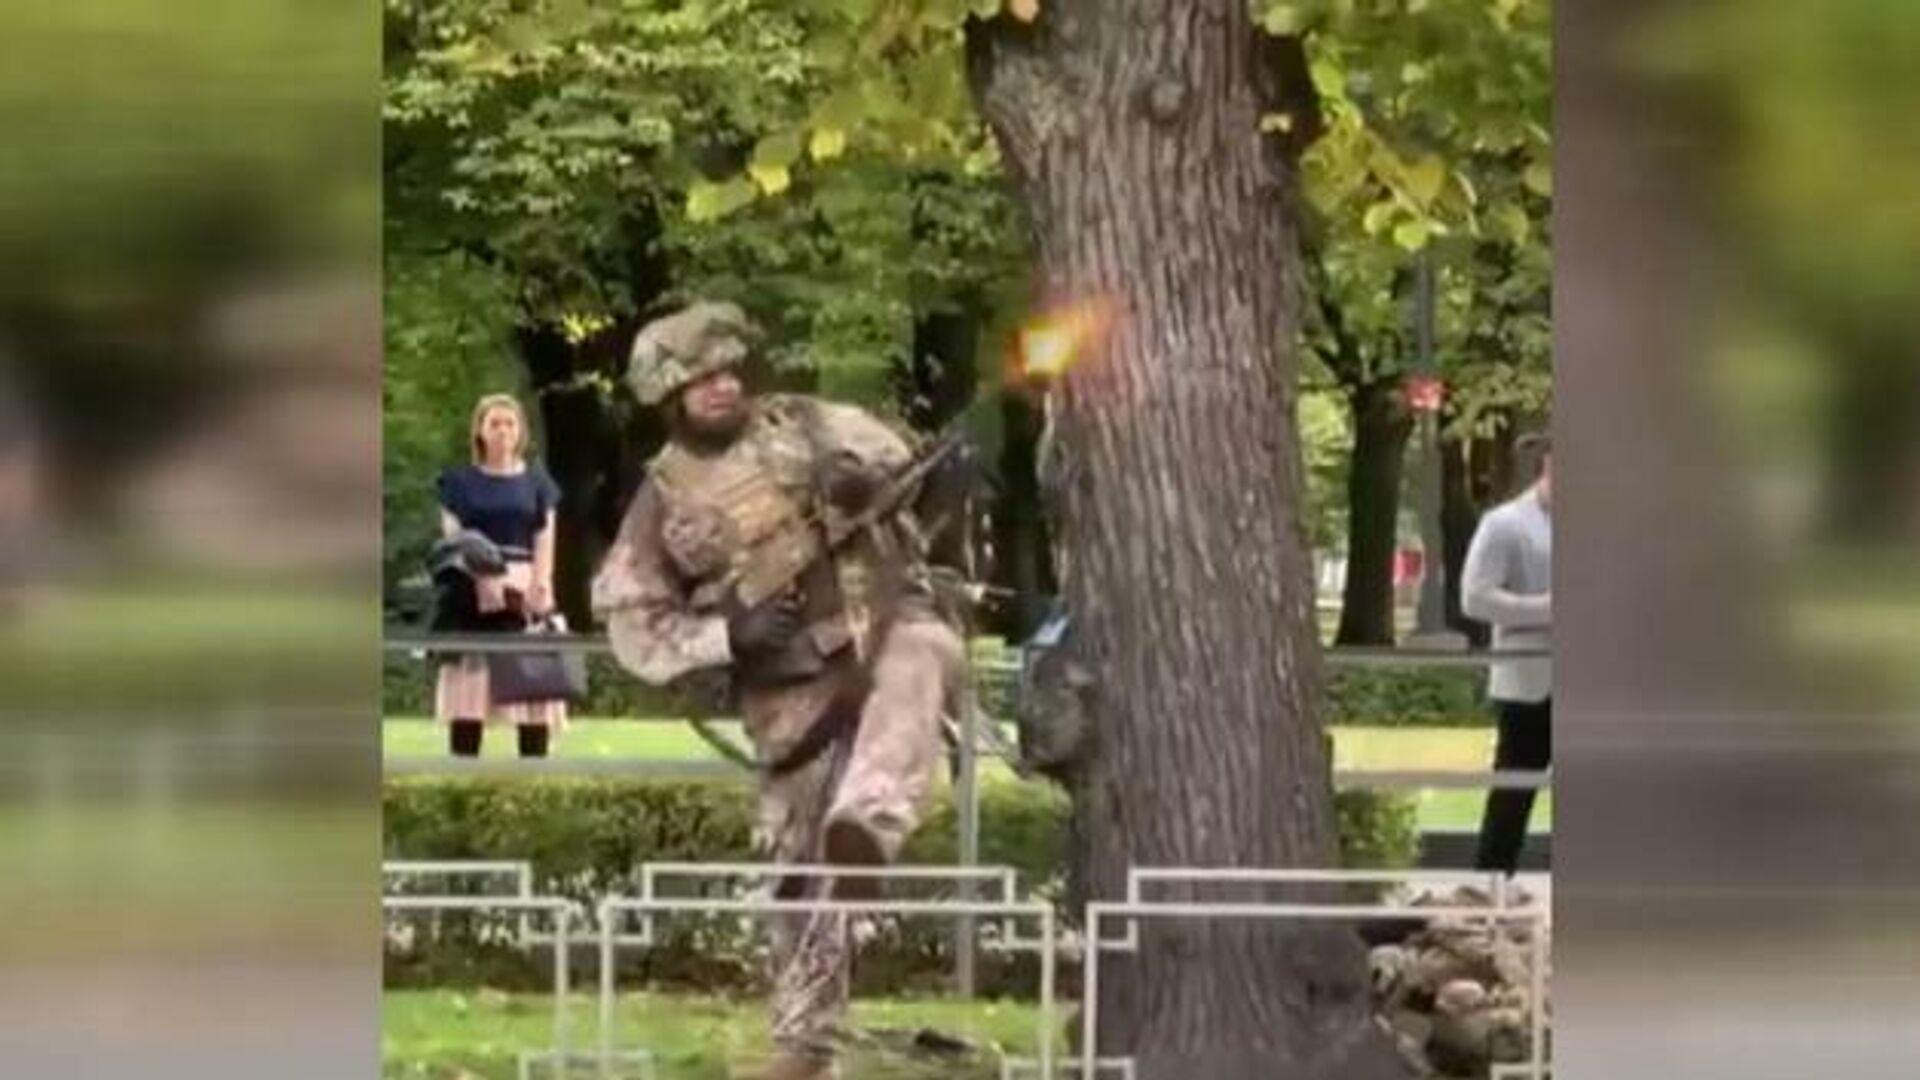 Letonya'da sokak ortasında tam teçhizatlı ve makineli tüfek taşıyan askerler caddede yürüyenleri korkuturken, olayın Letonya ordusunun düzenlediği askeri tatbikatın bir parçası olduğu ortaya çıktı. Bölge sakinleri olaya tepki gösterdi. - Sputnik Türkiye, 1920, 13.09.2021